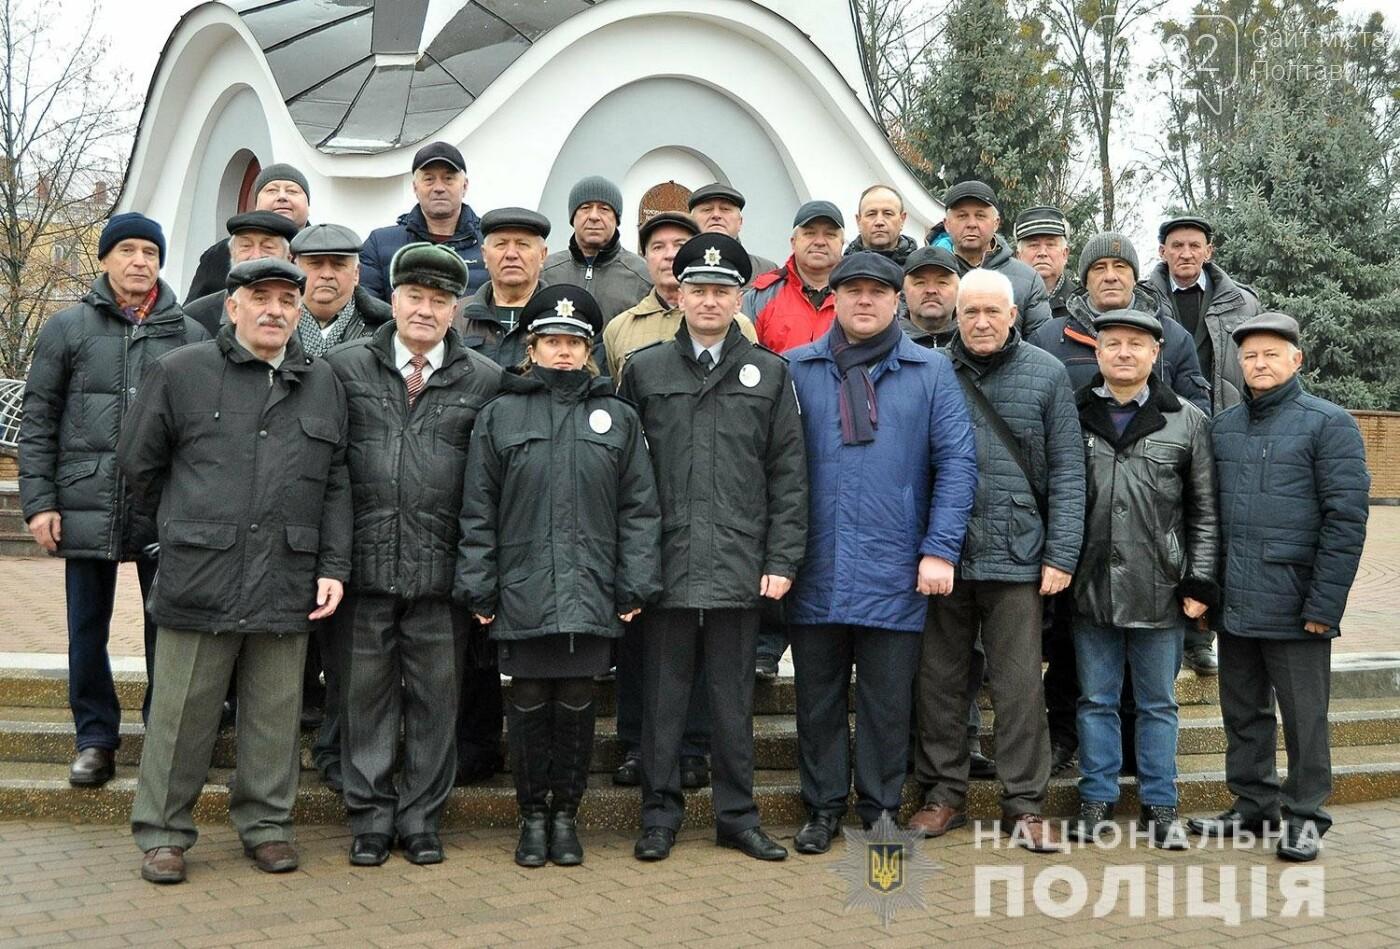 Поліція Полтавщини вшанувала пам'ять учасників ліквідації наслідків аварії на ЧАЕС, фото-1